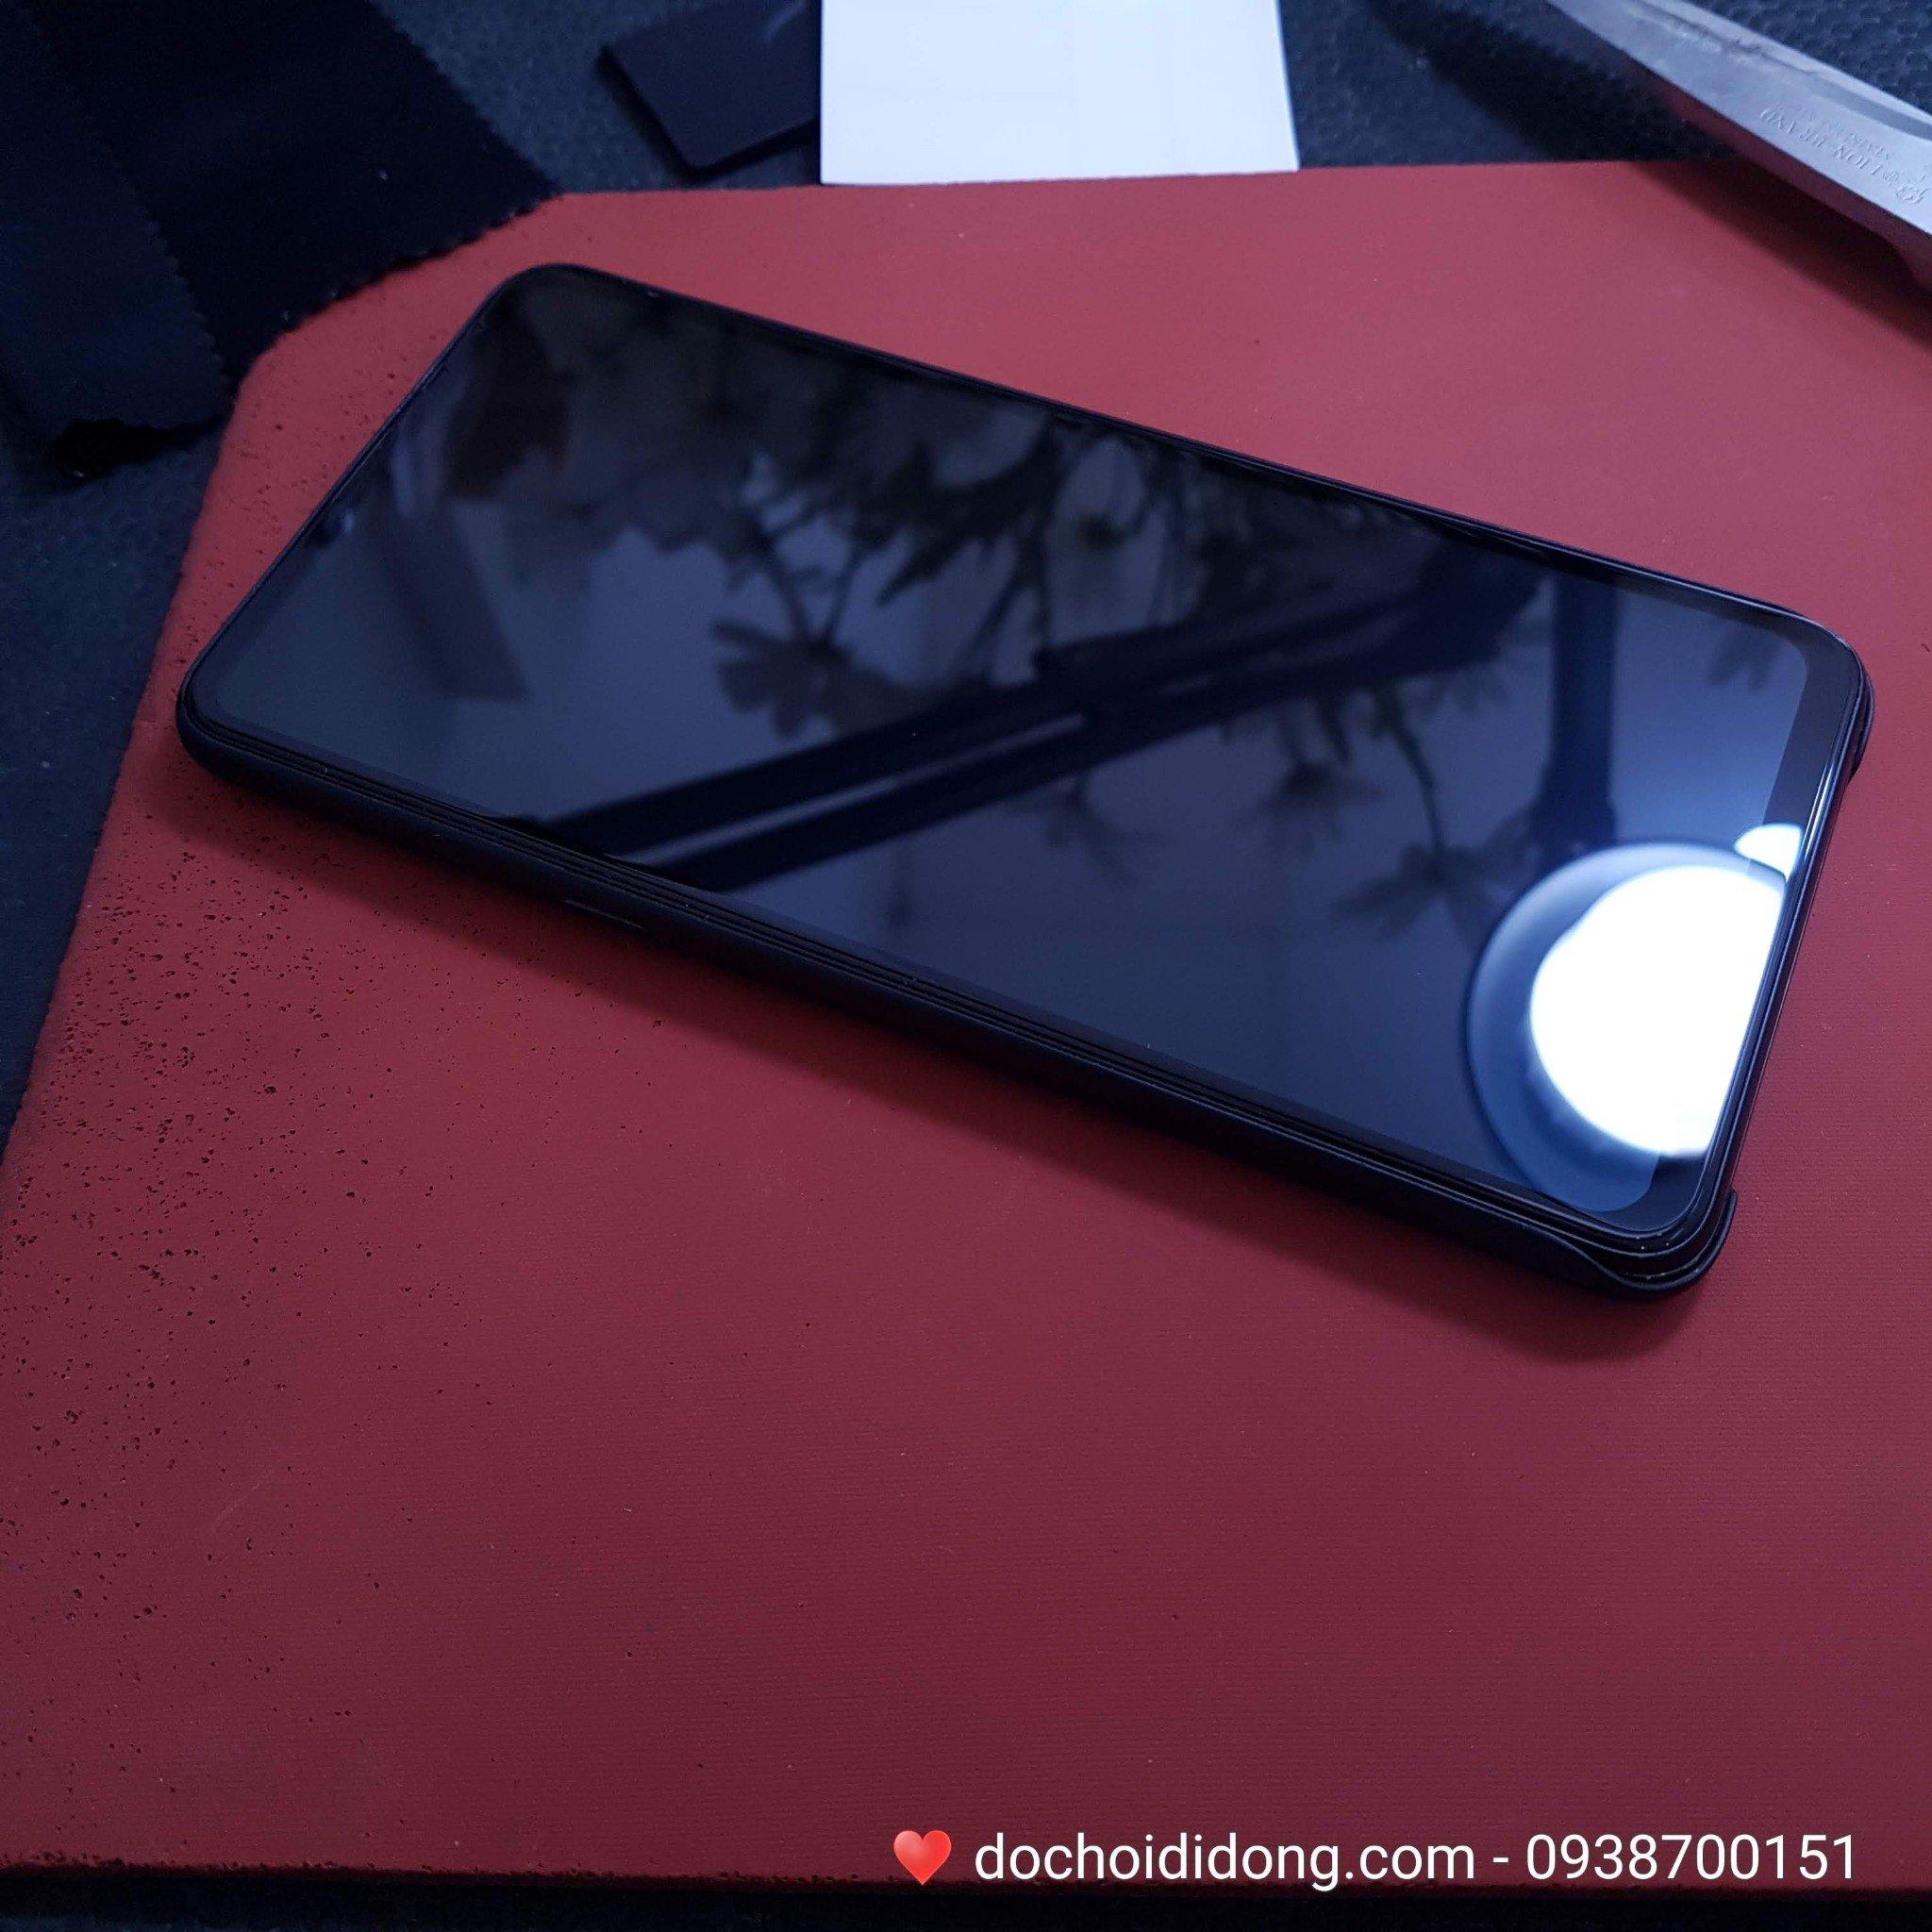 Miếng dán cường lực Xiaomi Mi Mix 3 full màn hình Zacase full keo